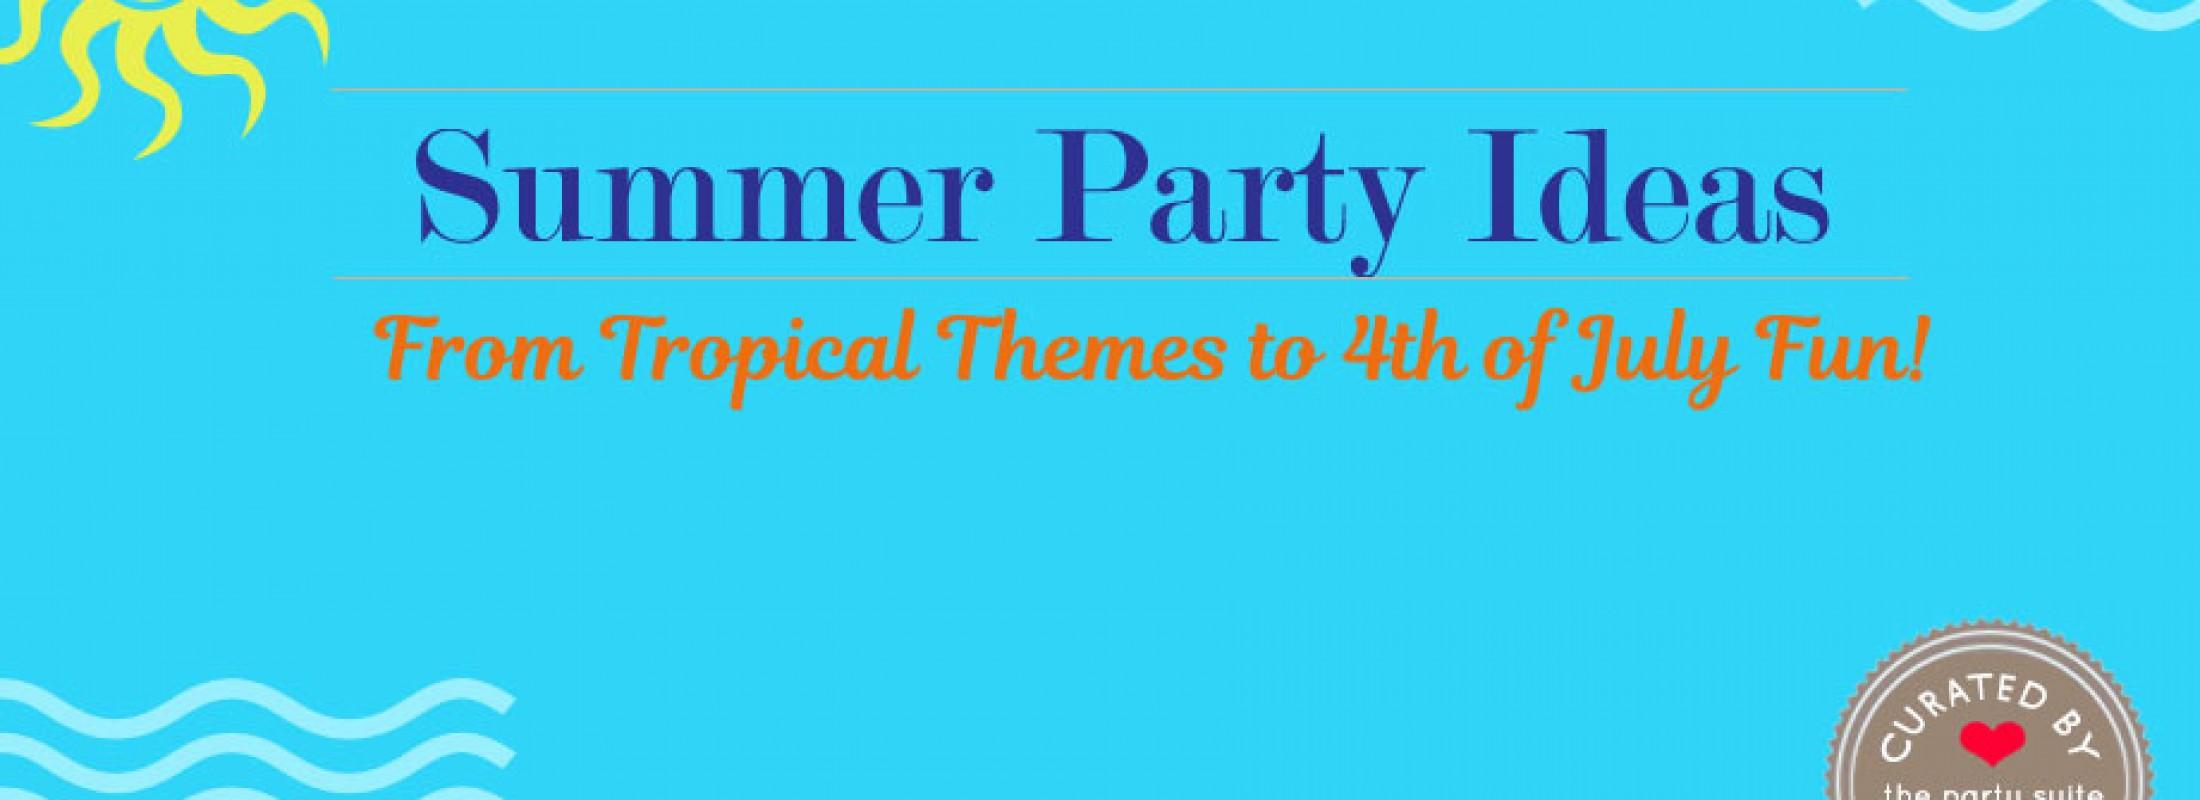 Summer Entertaining Ideas from Bellenza